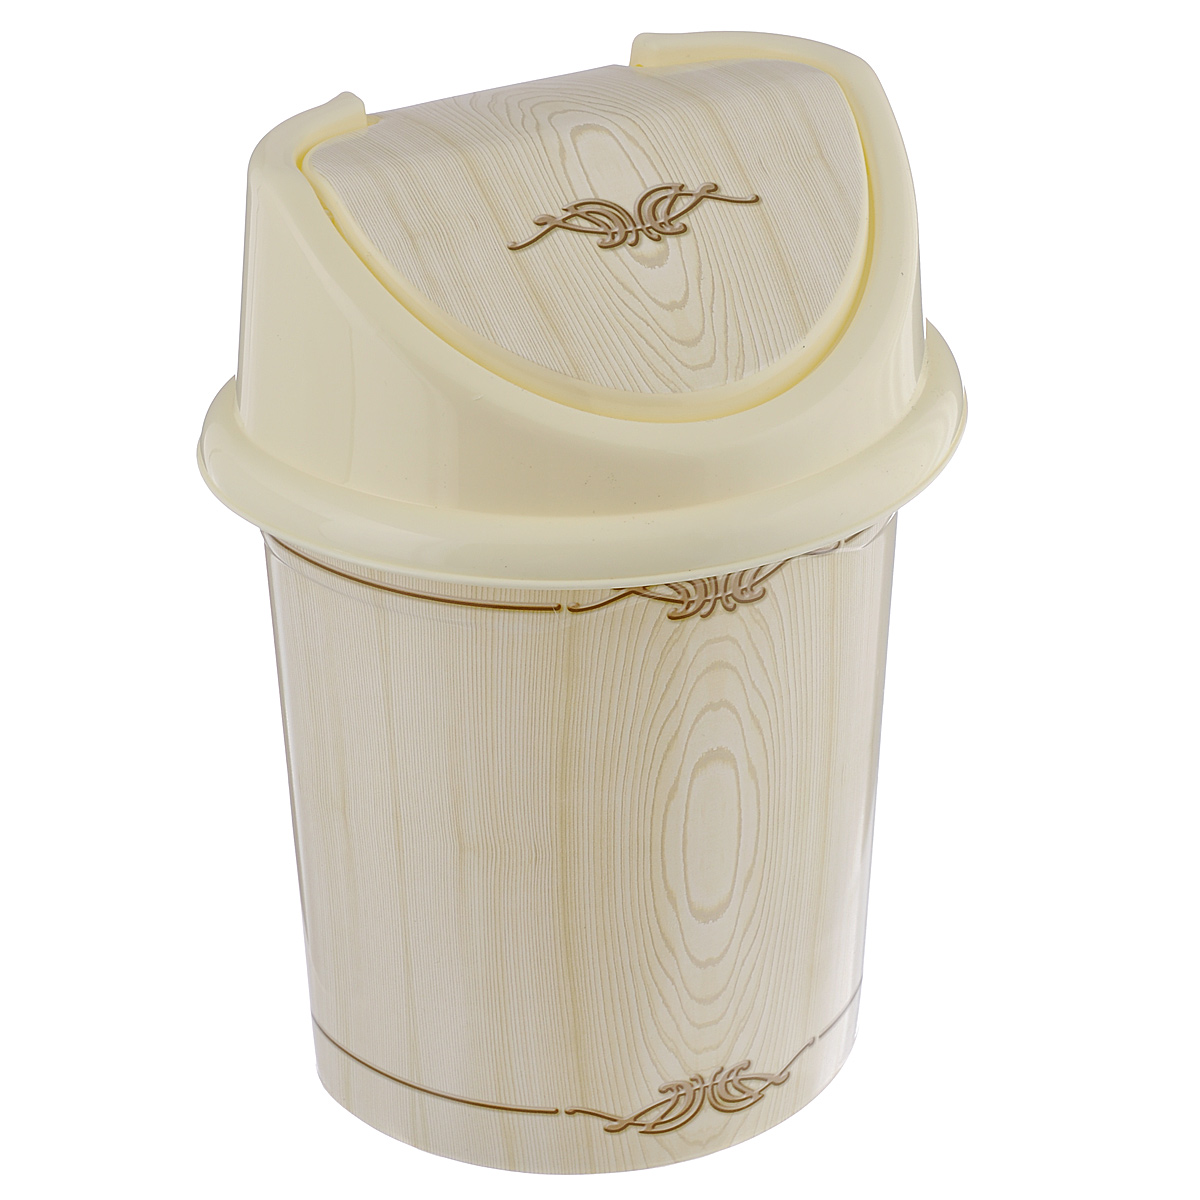 """Контейнер для мусора Violet """"Беленый дуб"""", цвет: слоновая кость, коричневый, 8 л"""